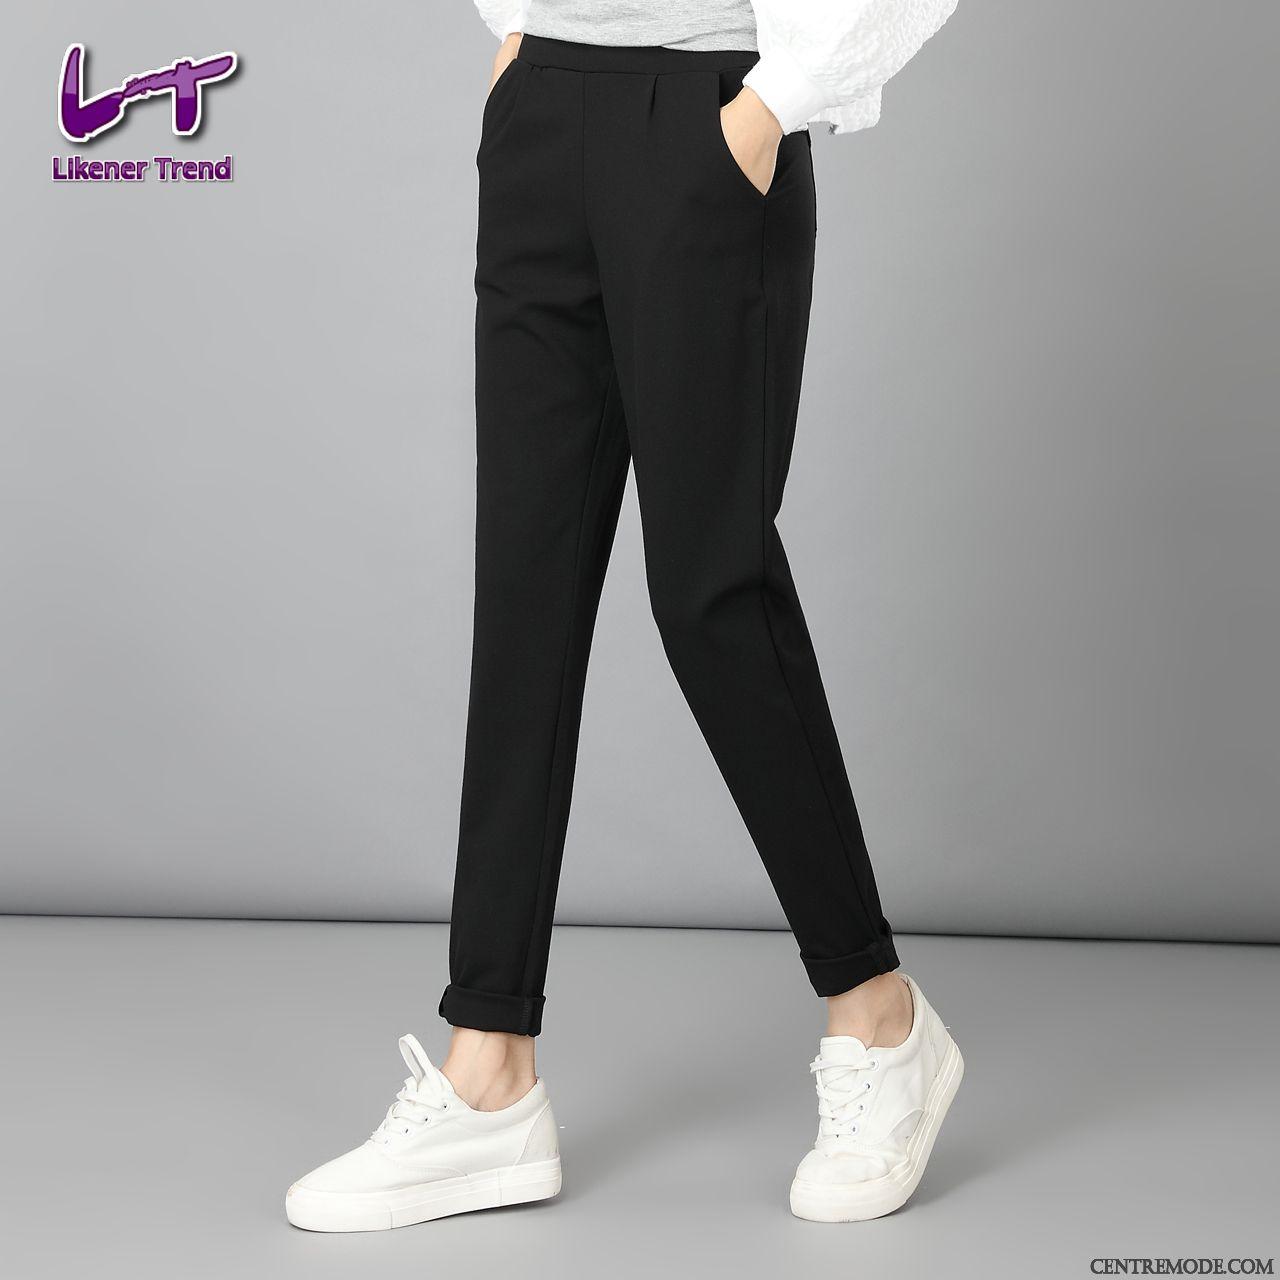 e9837873fcadf Pantalons Rouges Femme Blanc Violet, Pantalon Noir Femme Habillé En Ligne